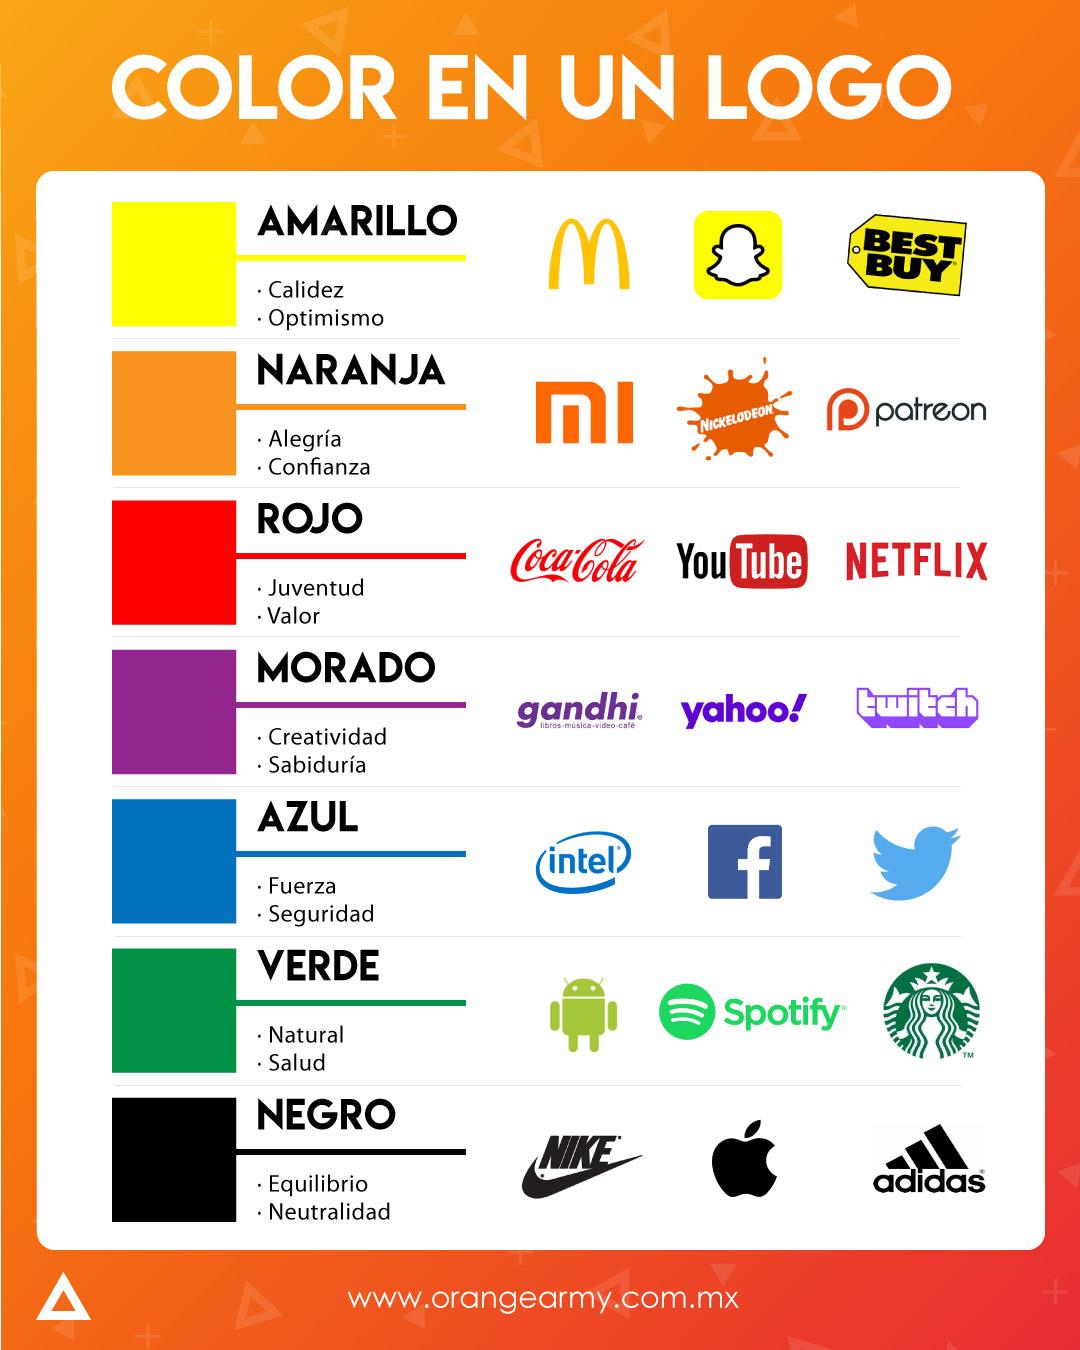 Color en logo